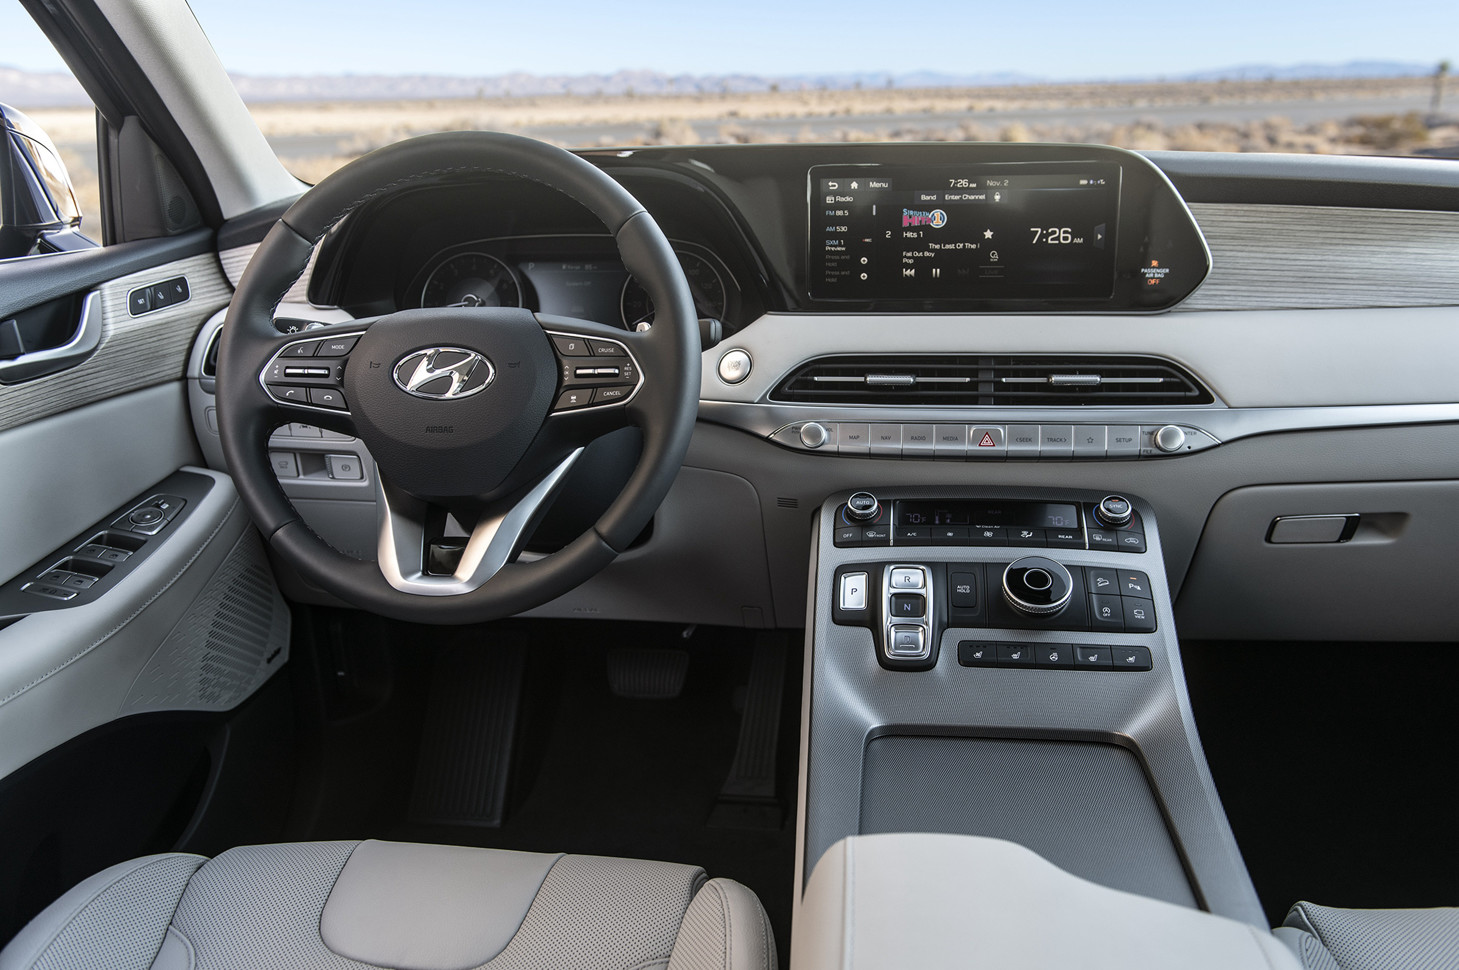 Габаритный кроссовер Hyundai Palisade внесен в базу Роспатента